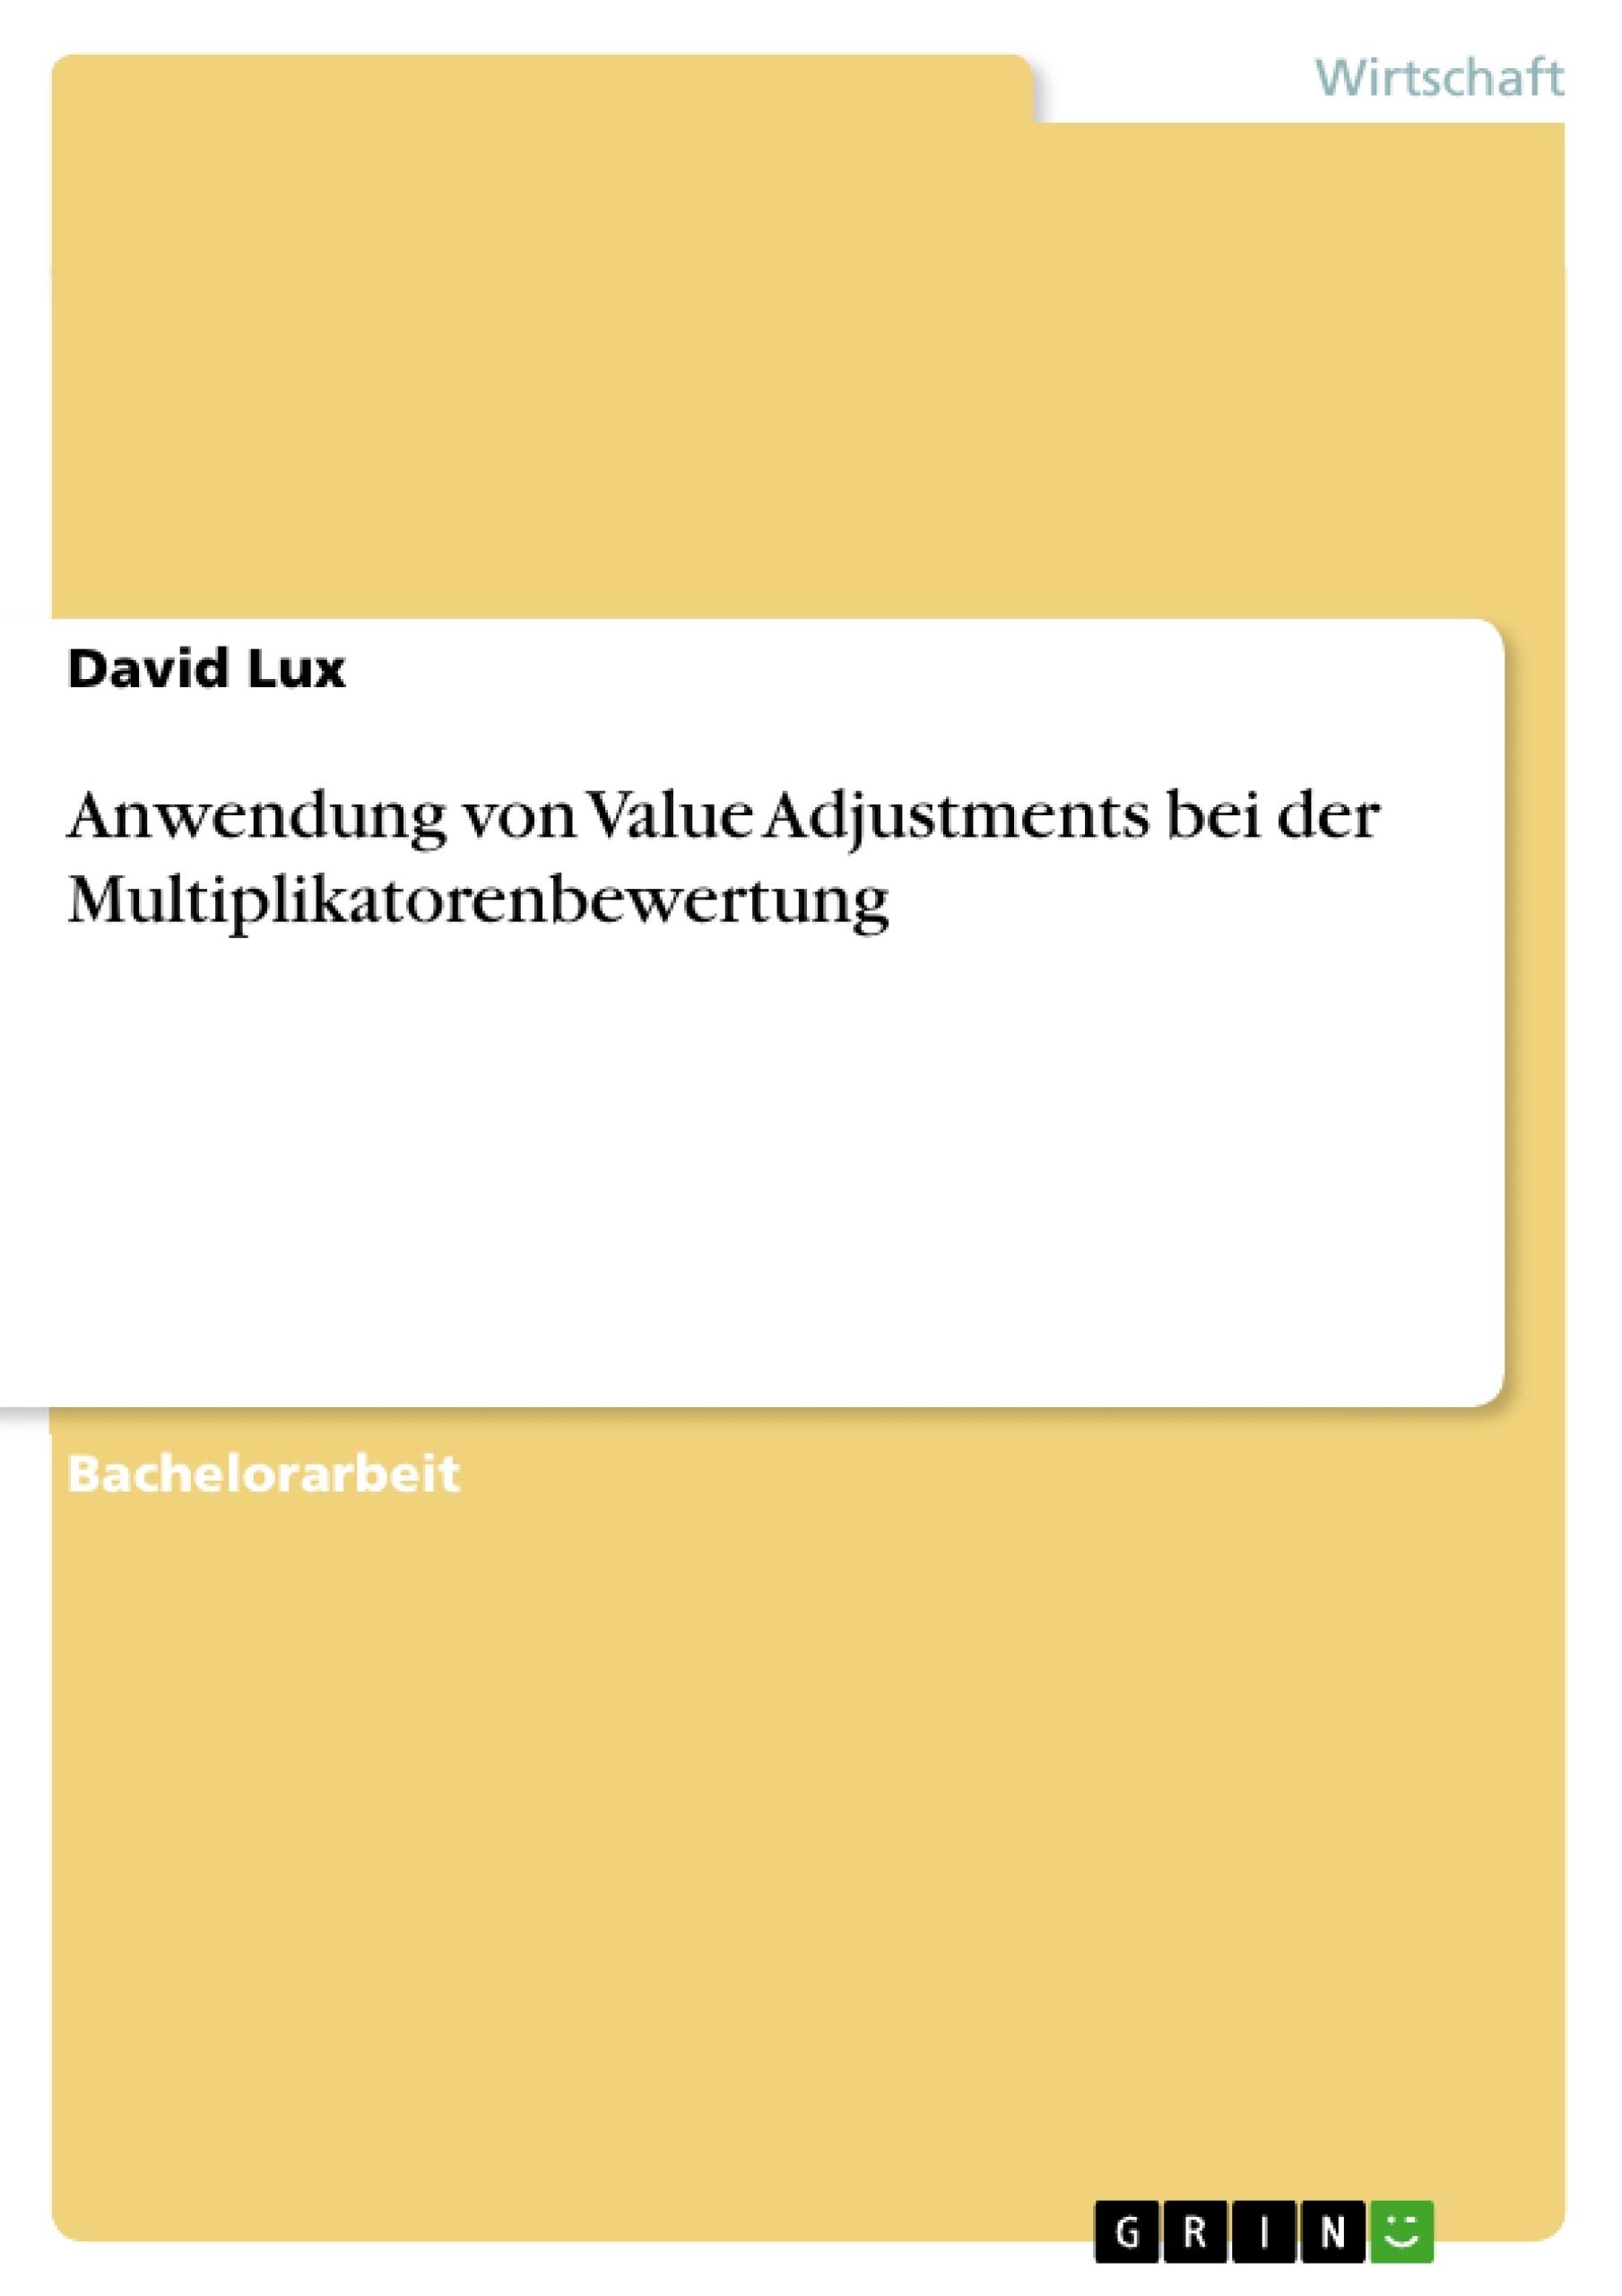 Titel: Anwendung von Value Adjustments bei der Multiplikatorenbewertung